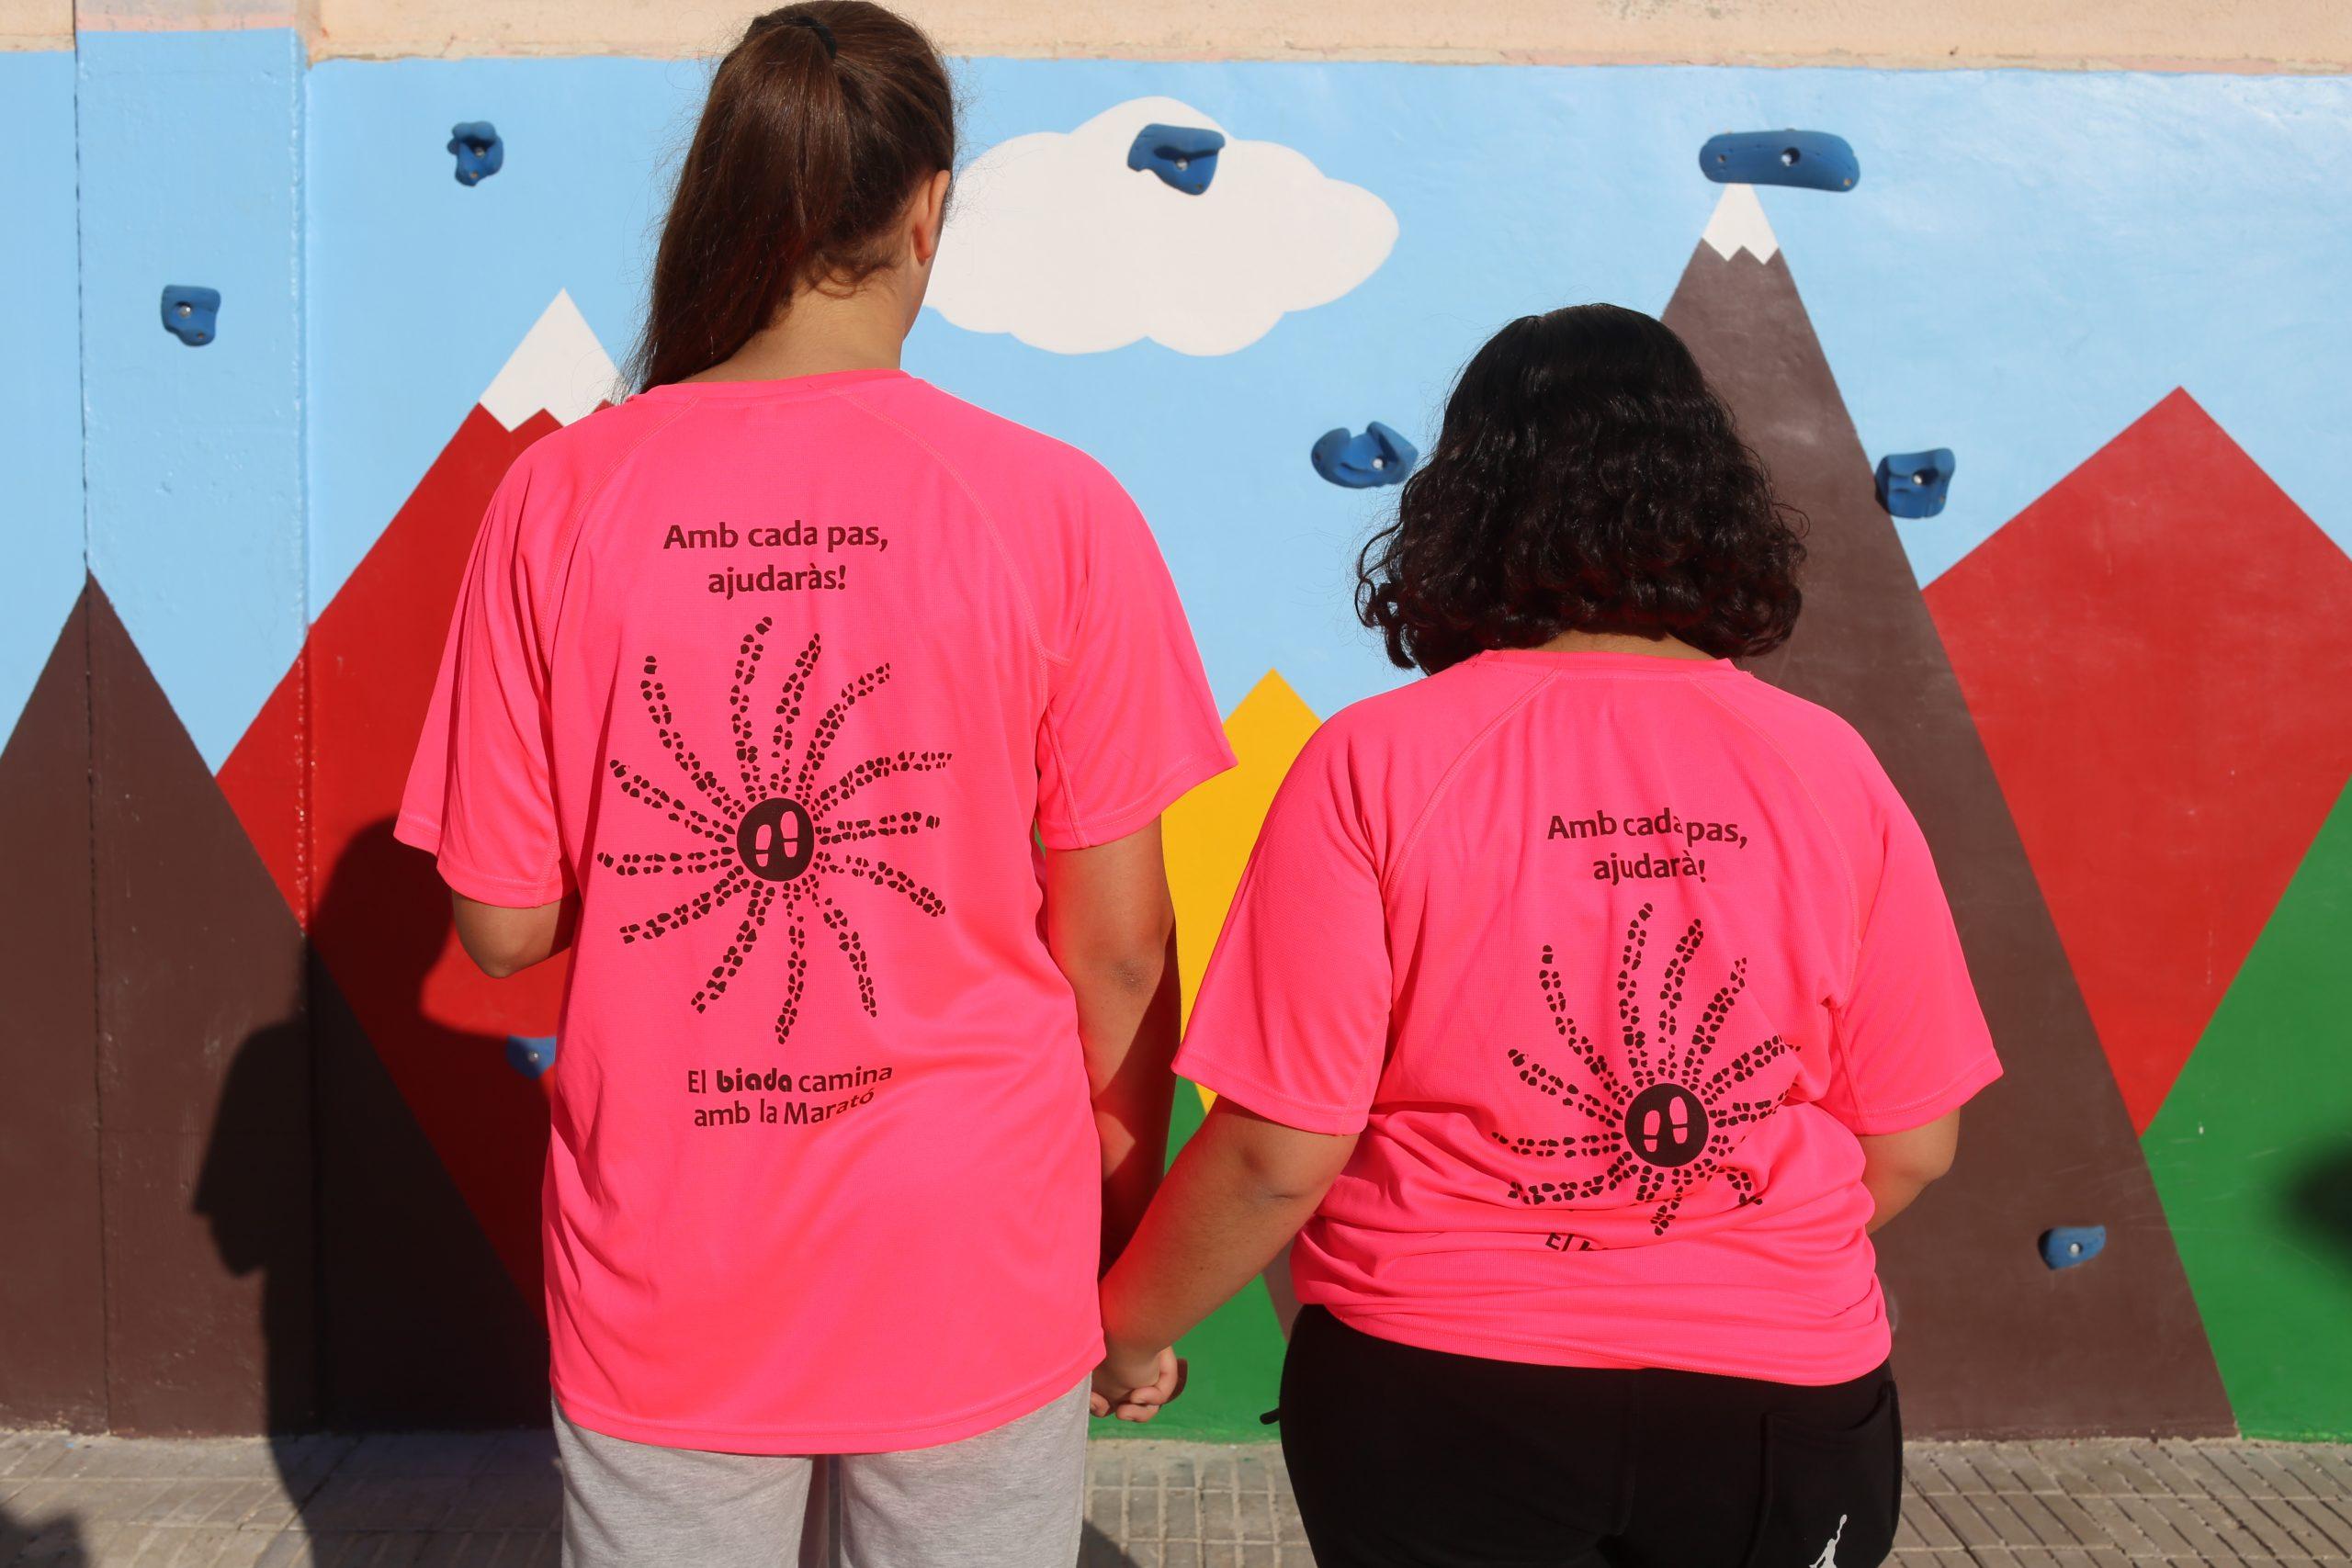 Aquesta és la samarreta de la marxa organitzada per l'institut